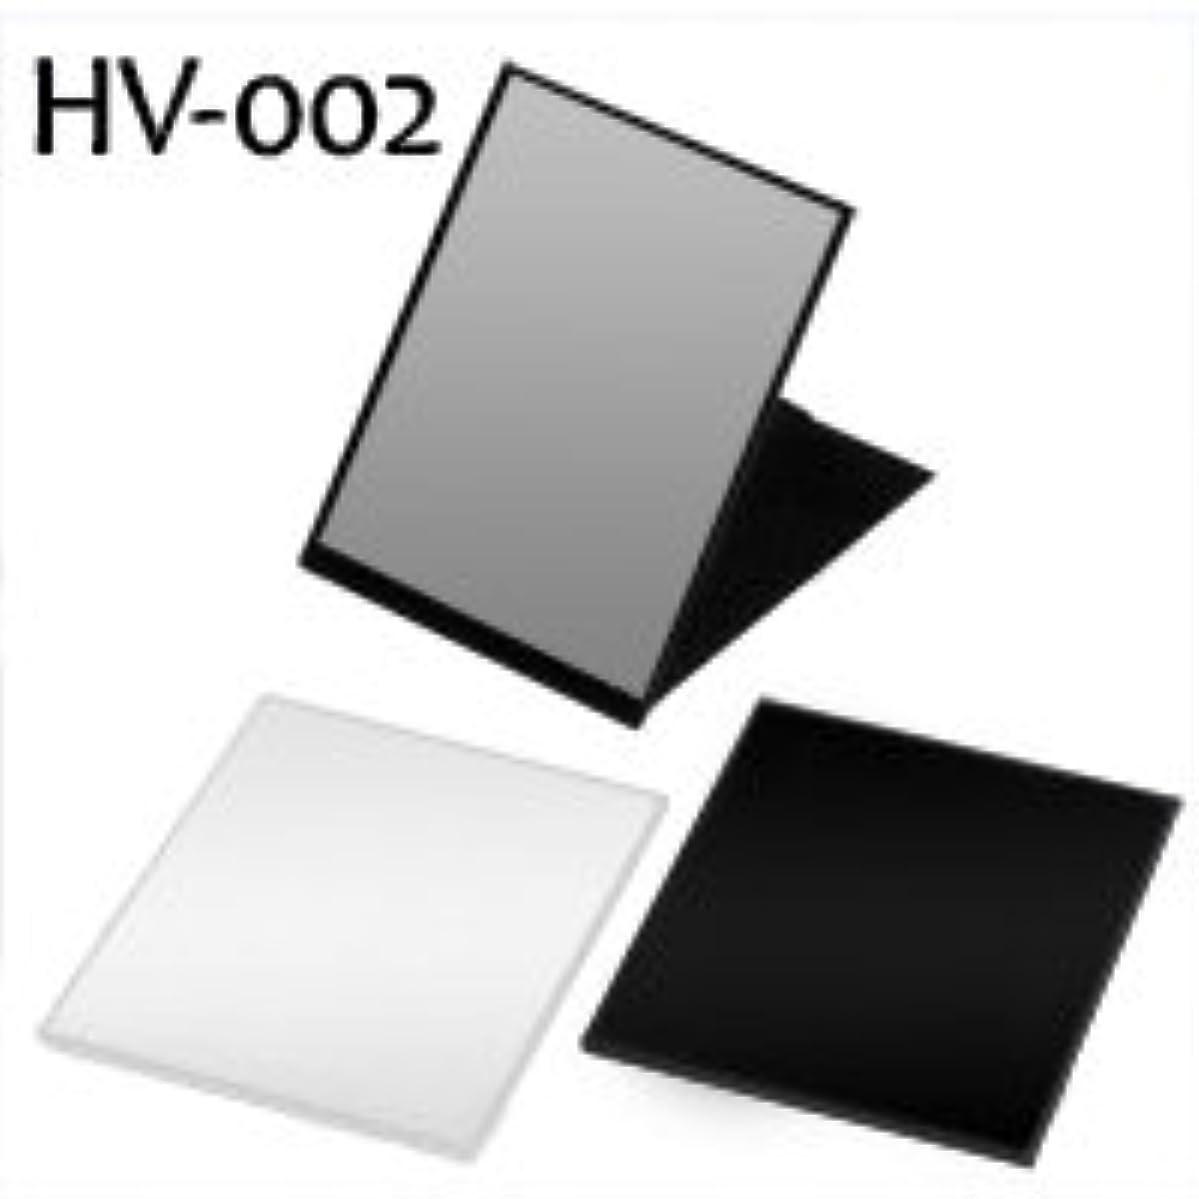 土砂降り乗算ホステルハイパービュースリム&ライトコンパクトミラー(L) HV-002 ホワイト